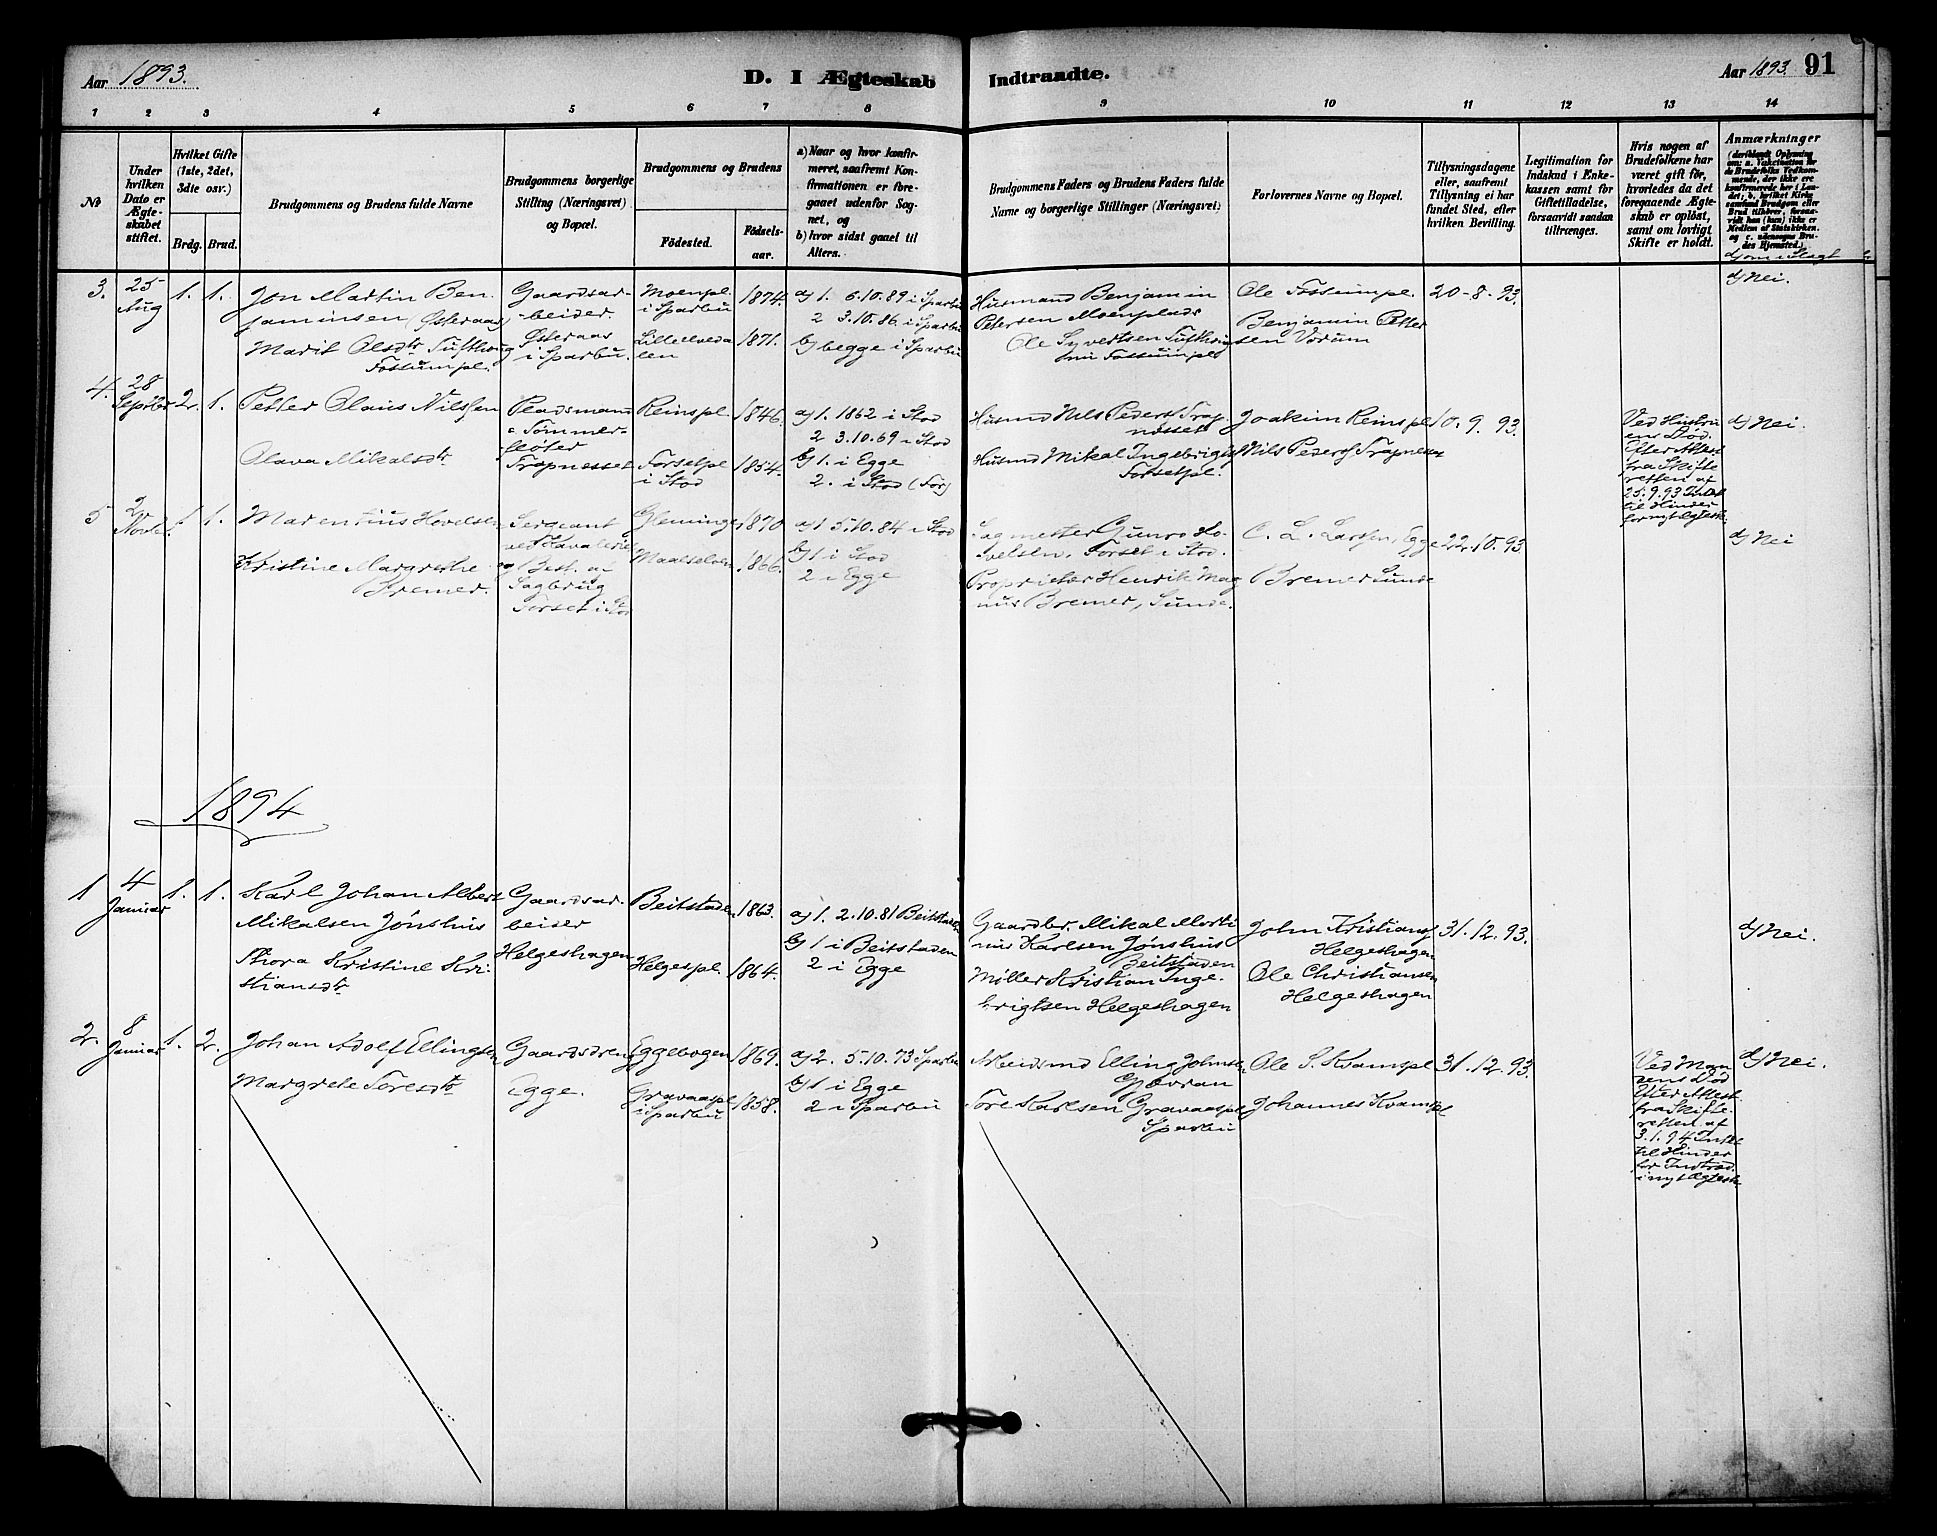 SAT, Ministerialprotokoller, klokkerbøker og fødselsregistre - Nord-Trøndelag, 740/L0378: Ministerialbok nr. 740A01, 1881-1895, s. 91